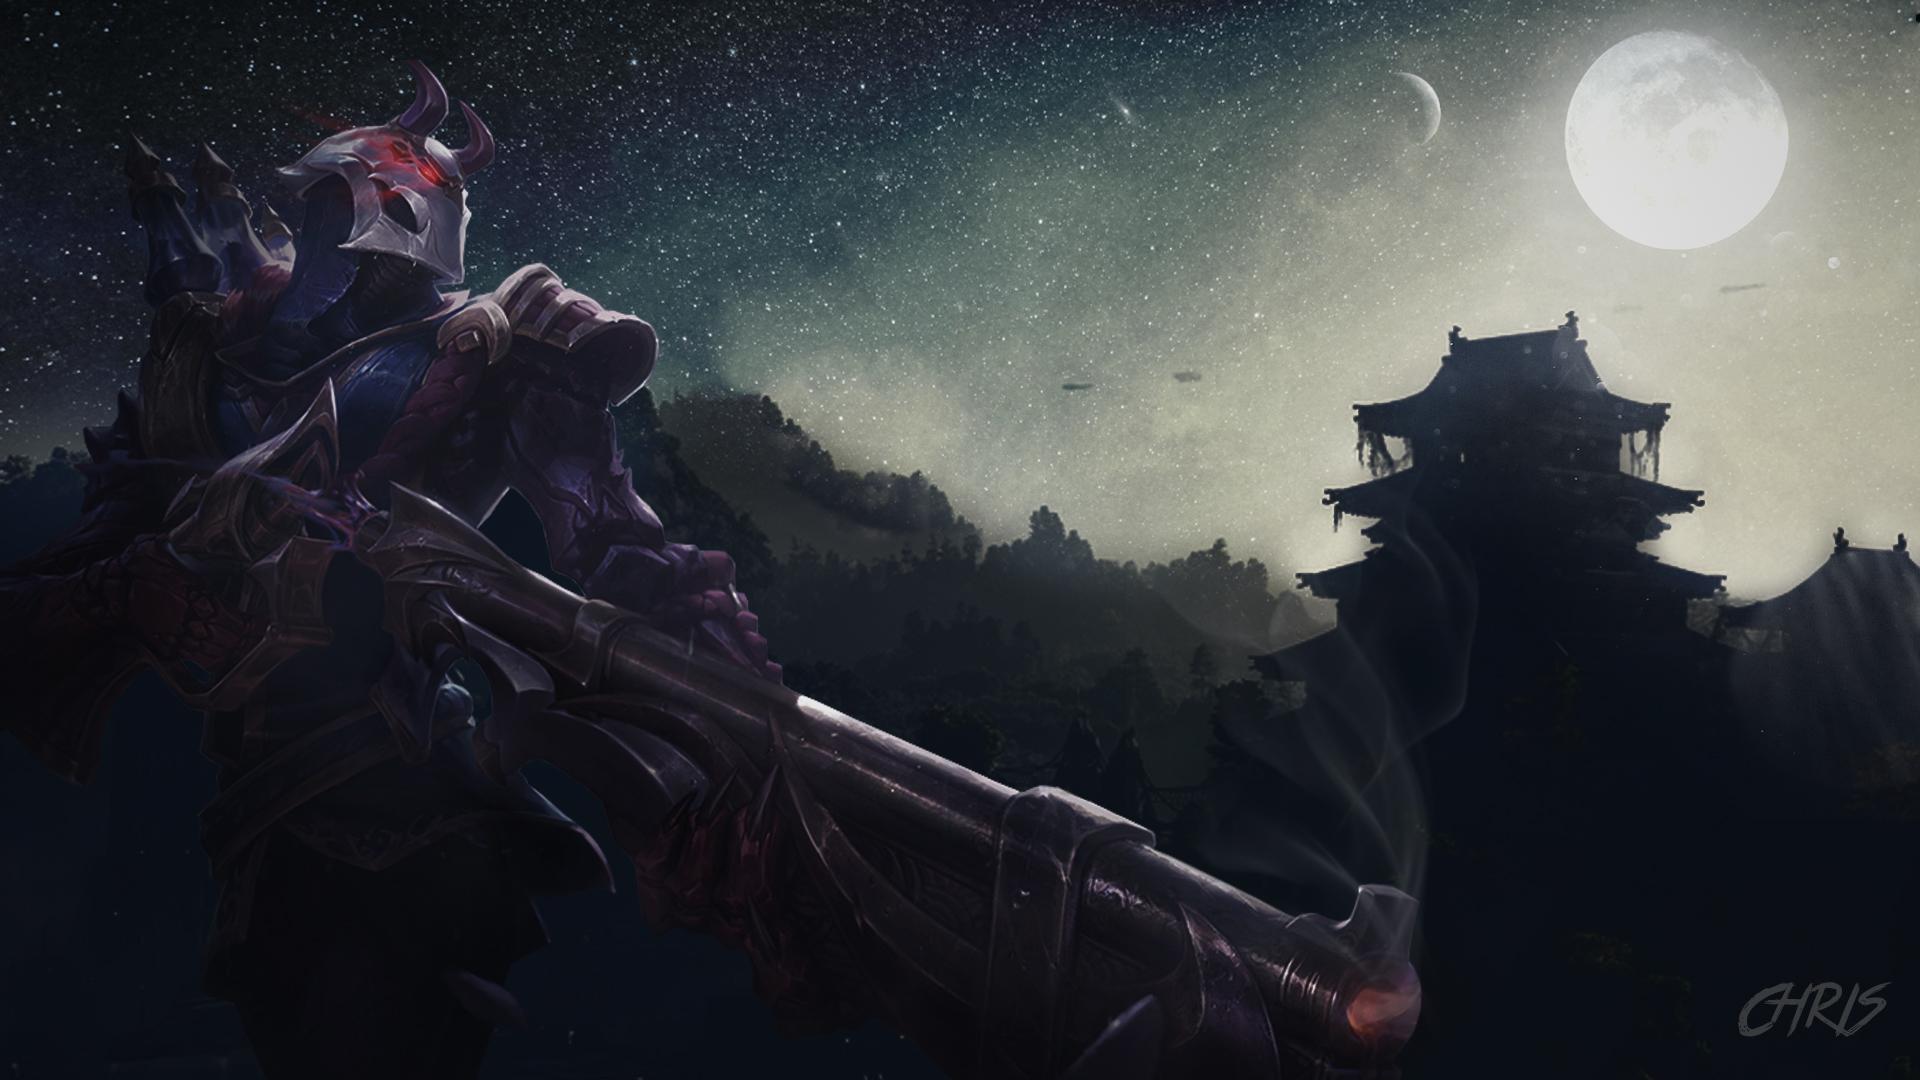 League Of Legends Blood Moon Jhin Wallpaper By Kpponline On Deviantart